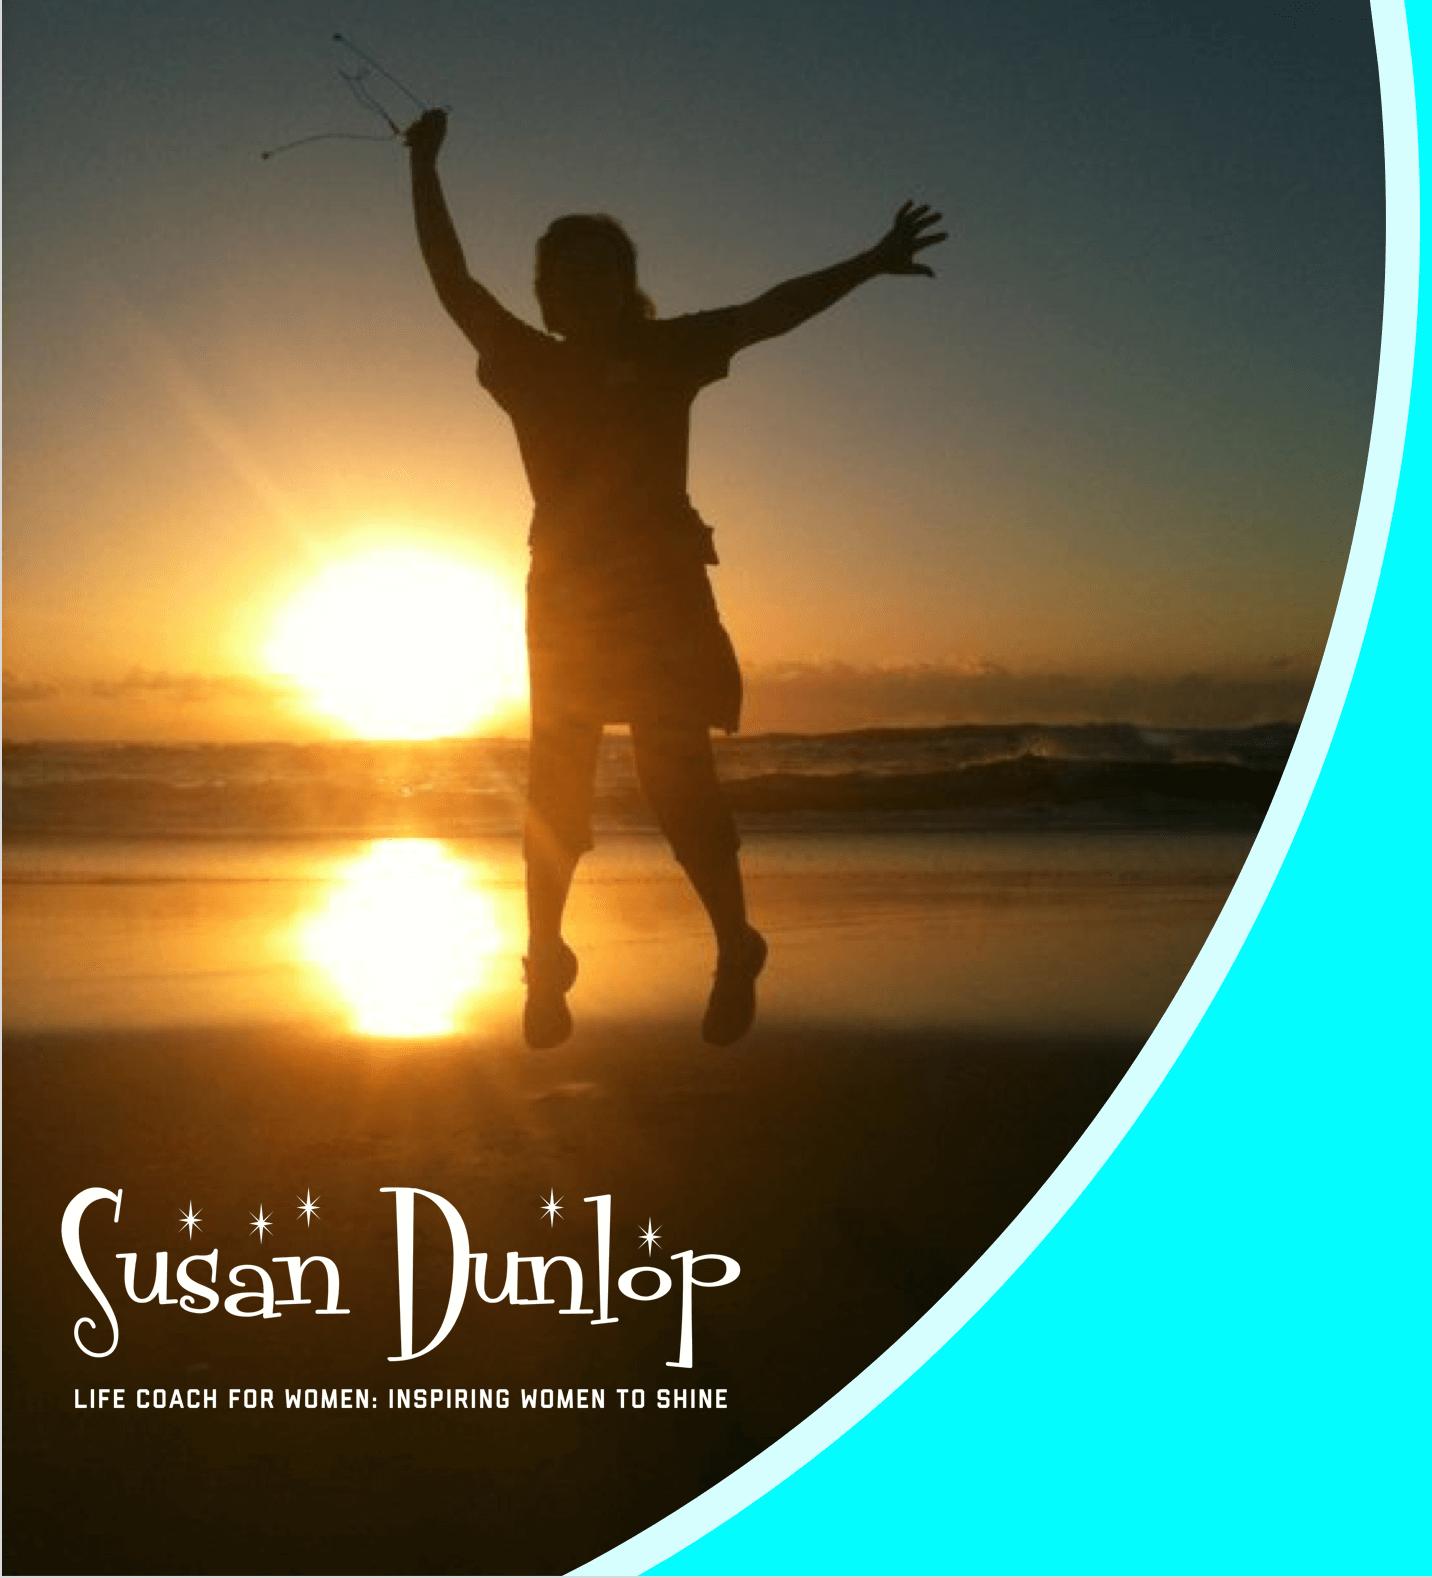 Seeking change. Susan at dawn 2011